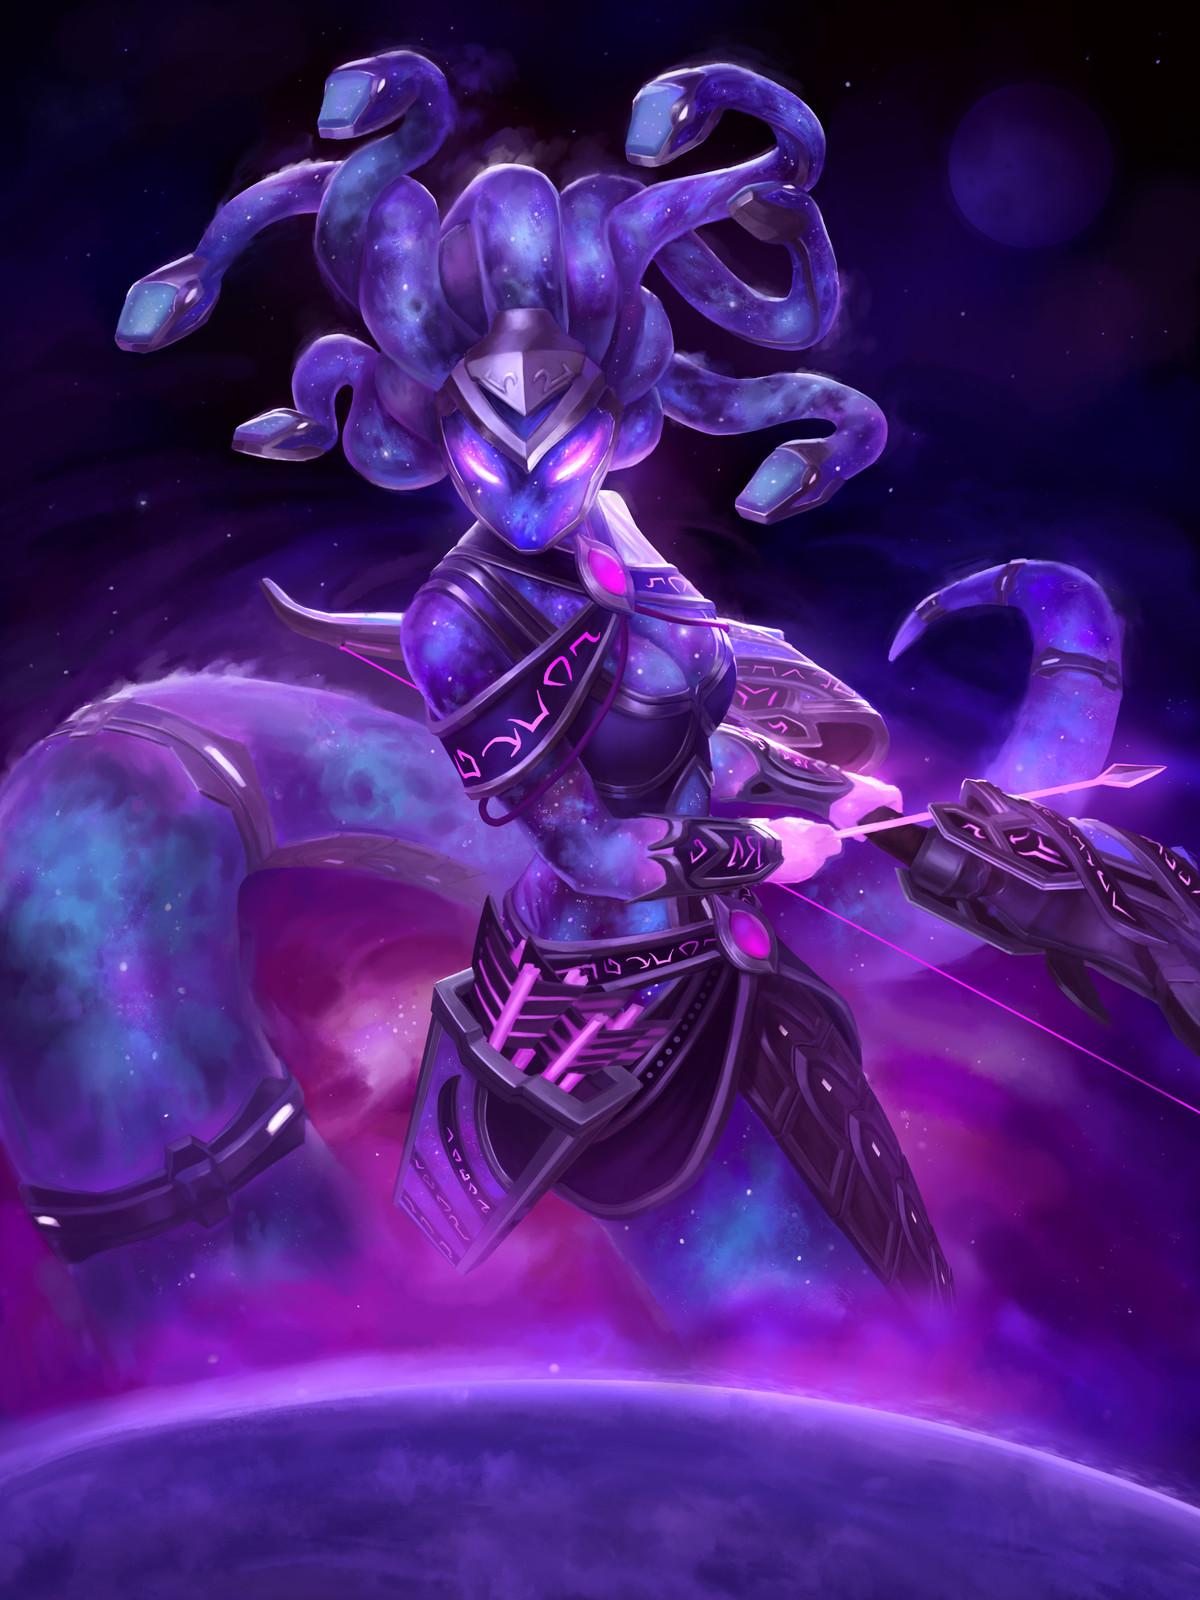 Nebula Medusa